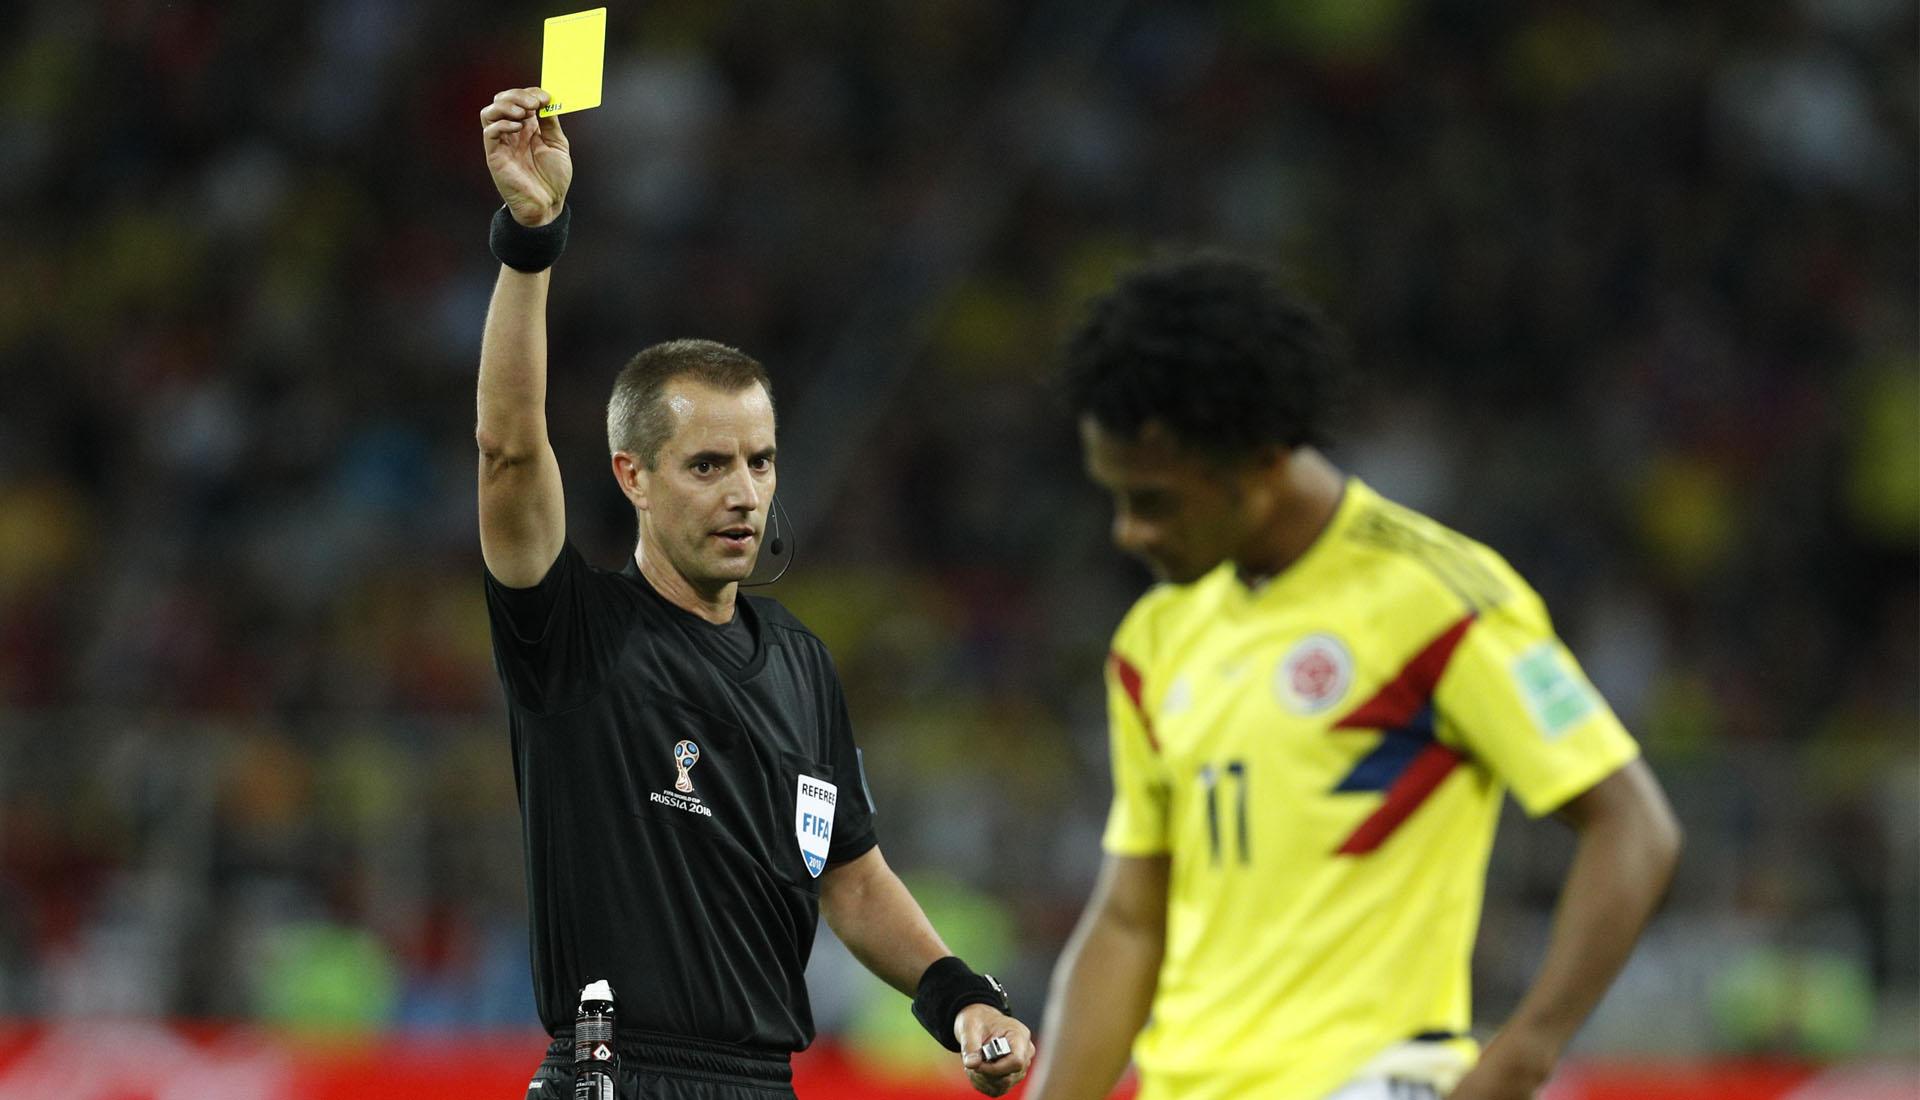 Trọng tài thường có nhiều tín hiệu khác nhau để điều khiển một trận đấu bóng đá